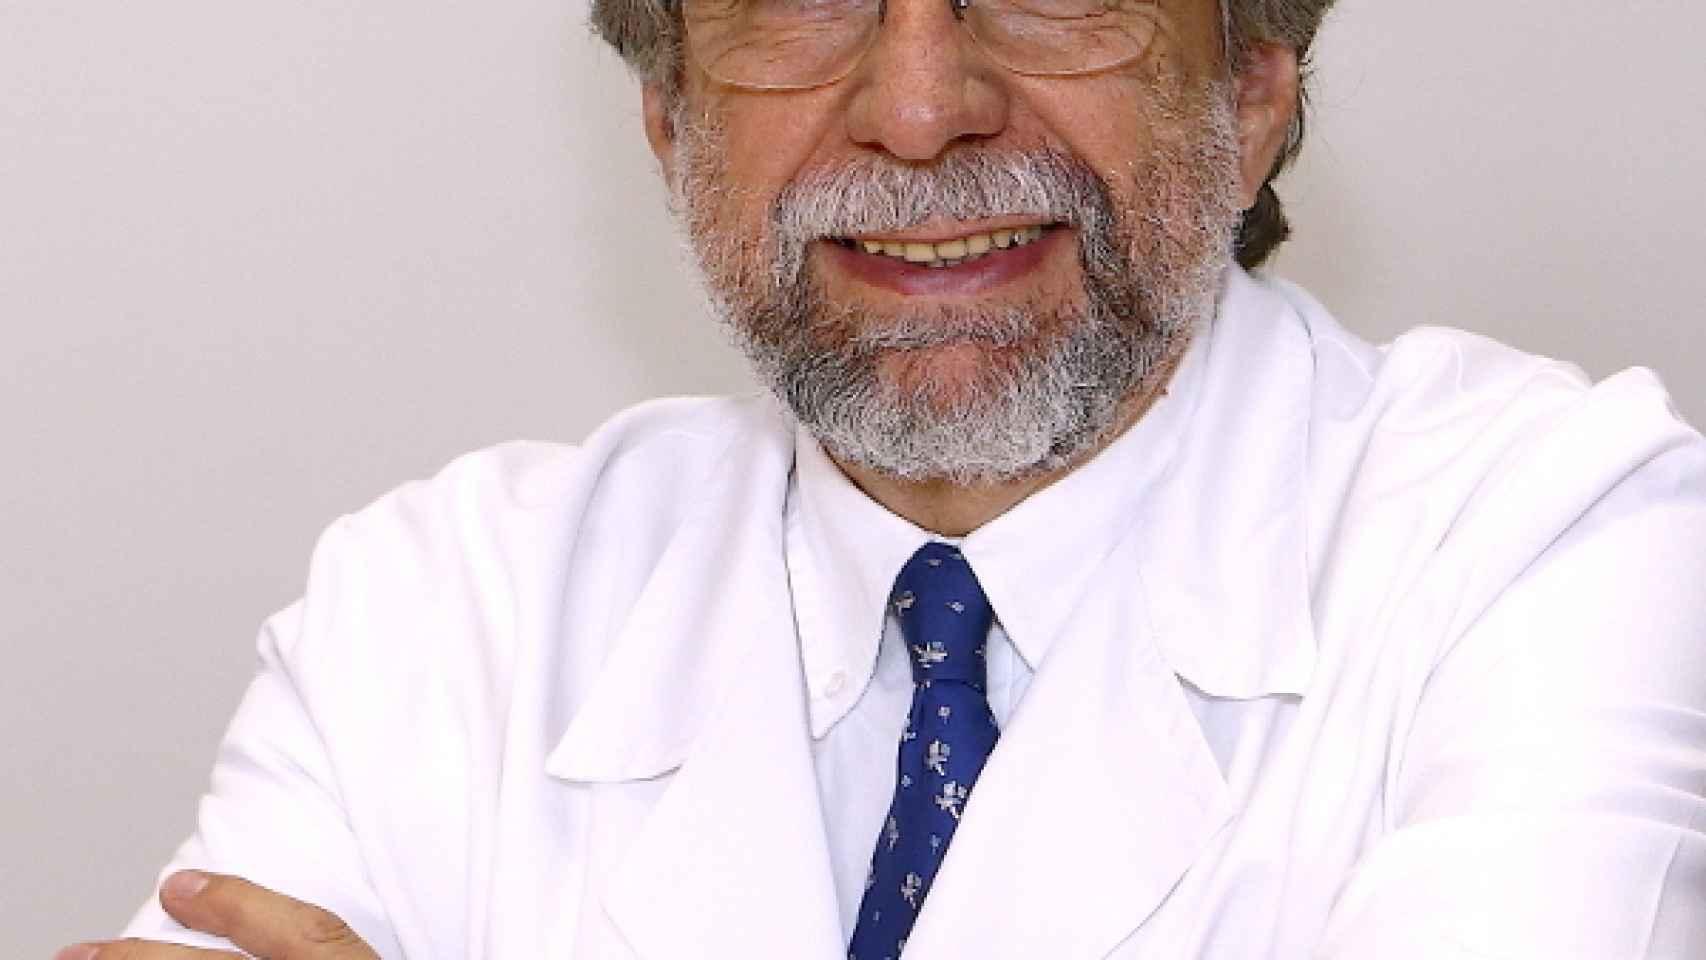 El doctor Antonio Escribano jefe del área de nutrición de las Federaciones Españolas de Baloncesto y Fútbol